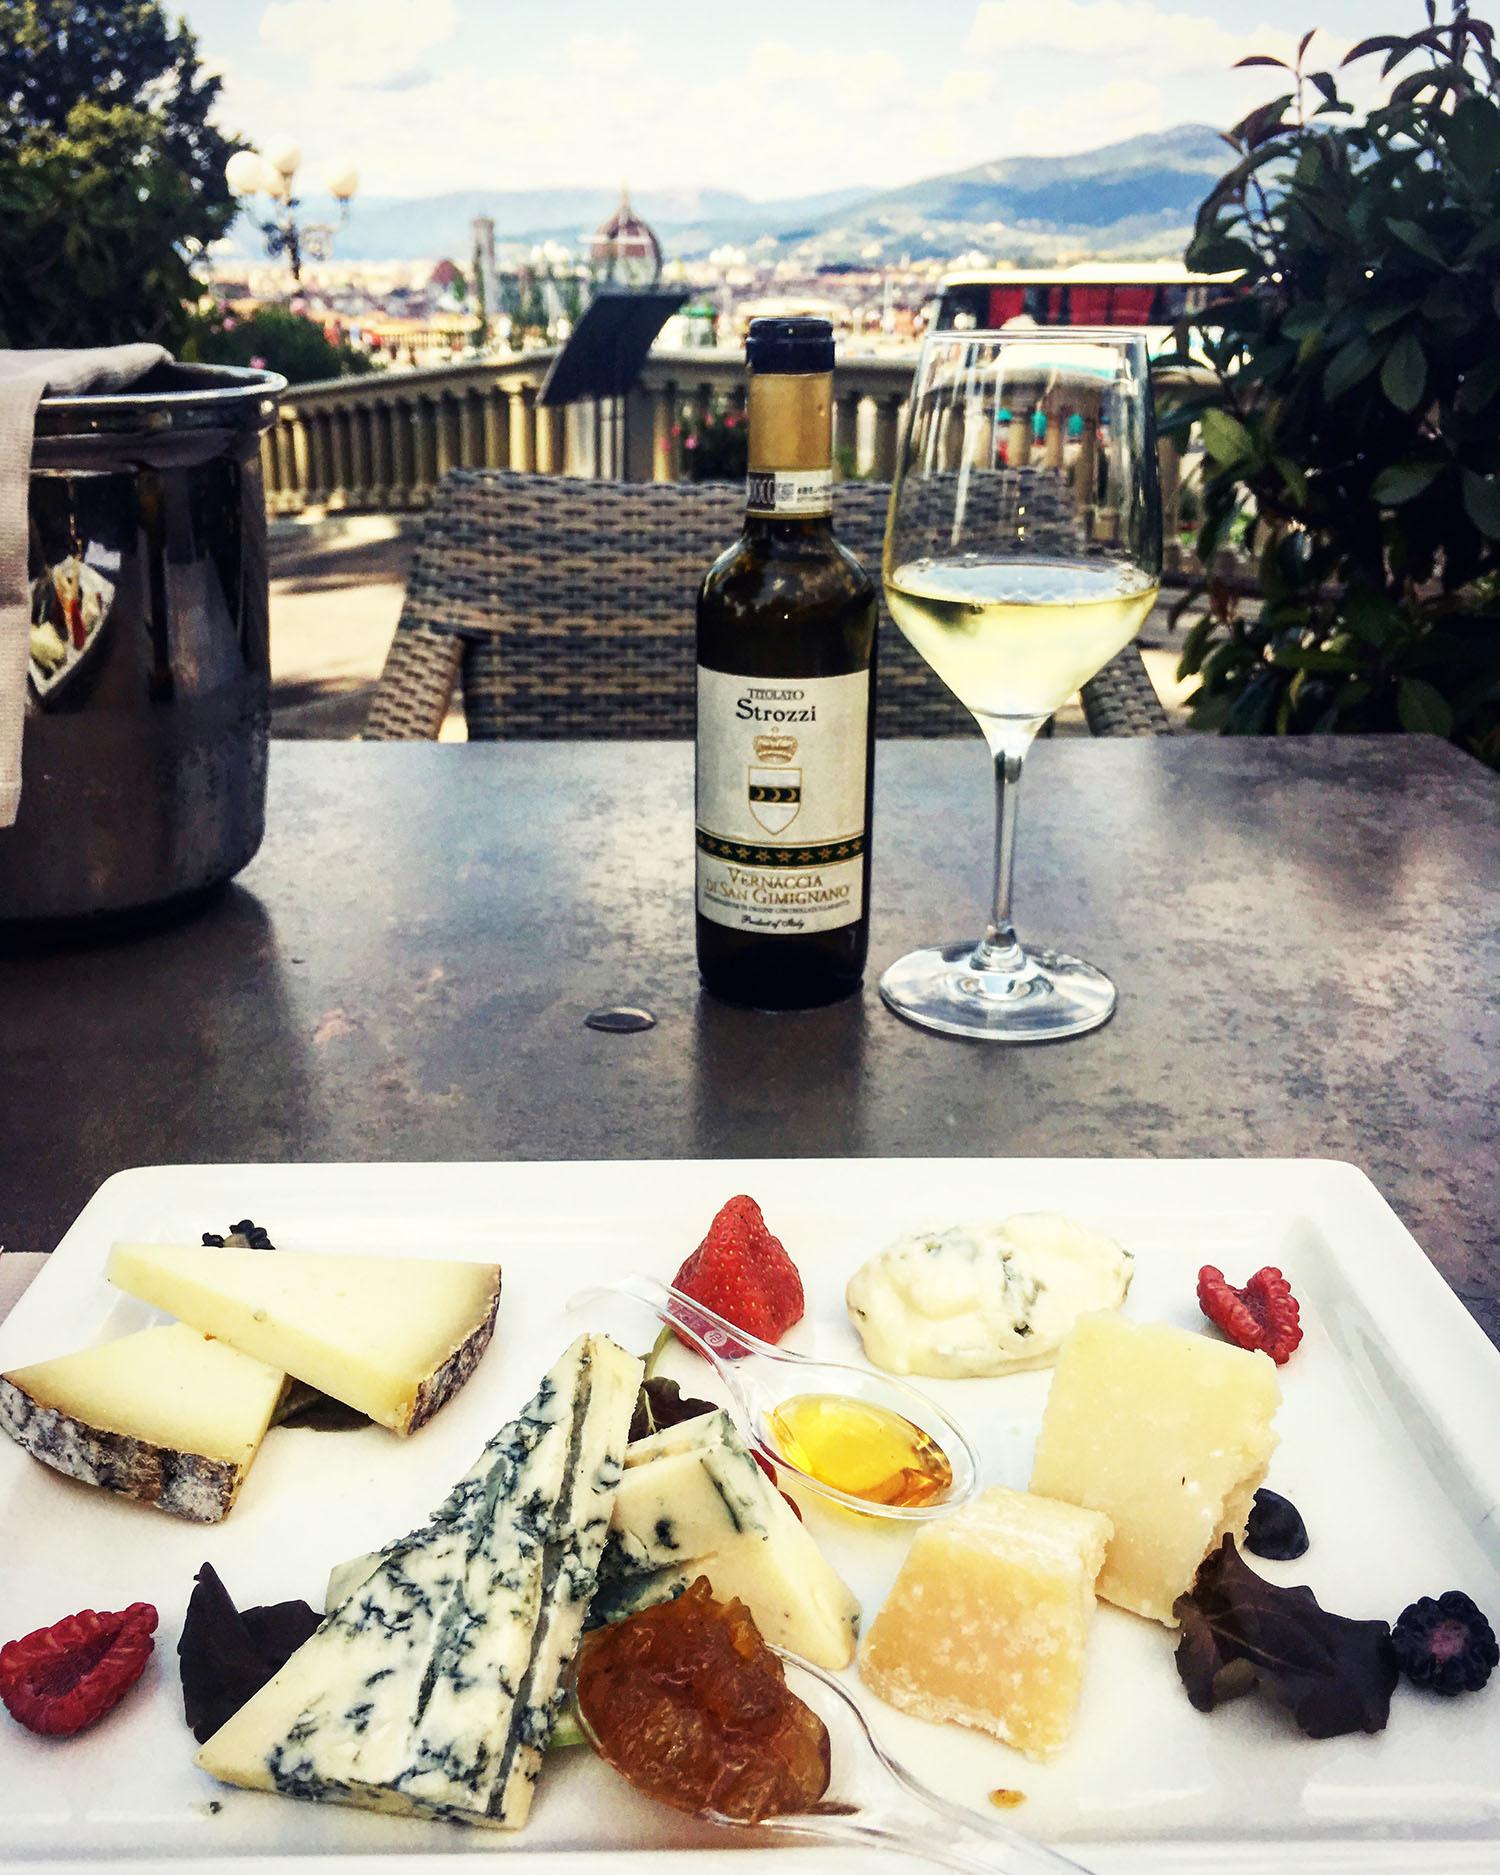 italian-wine-and-cheeseplatter.jpg